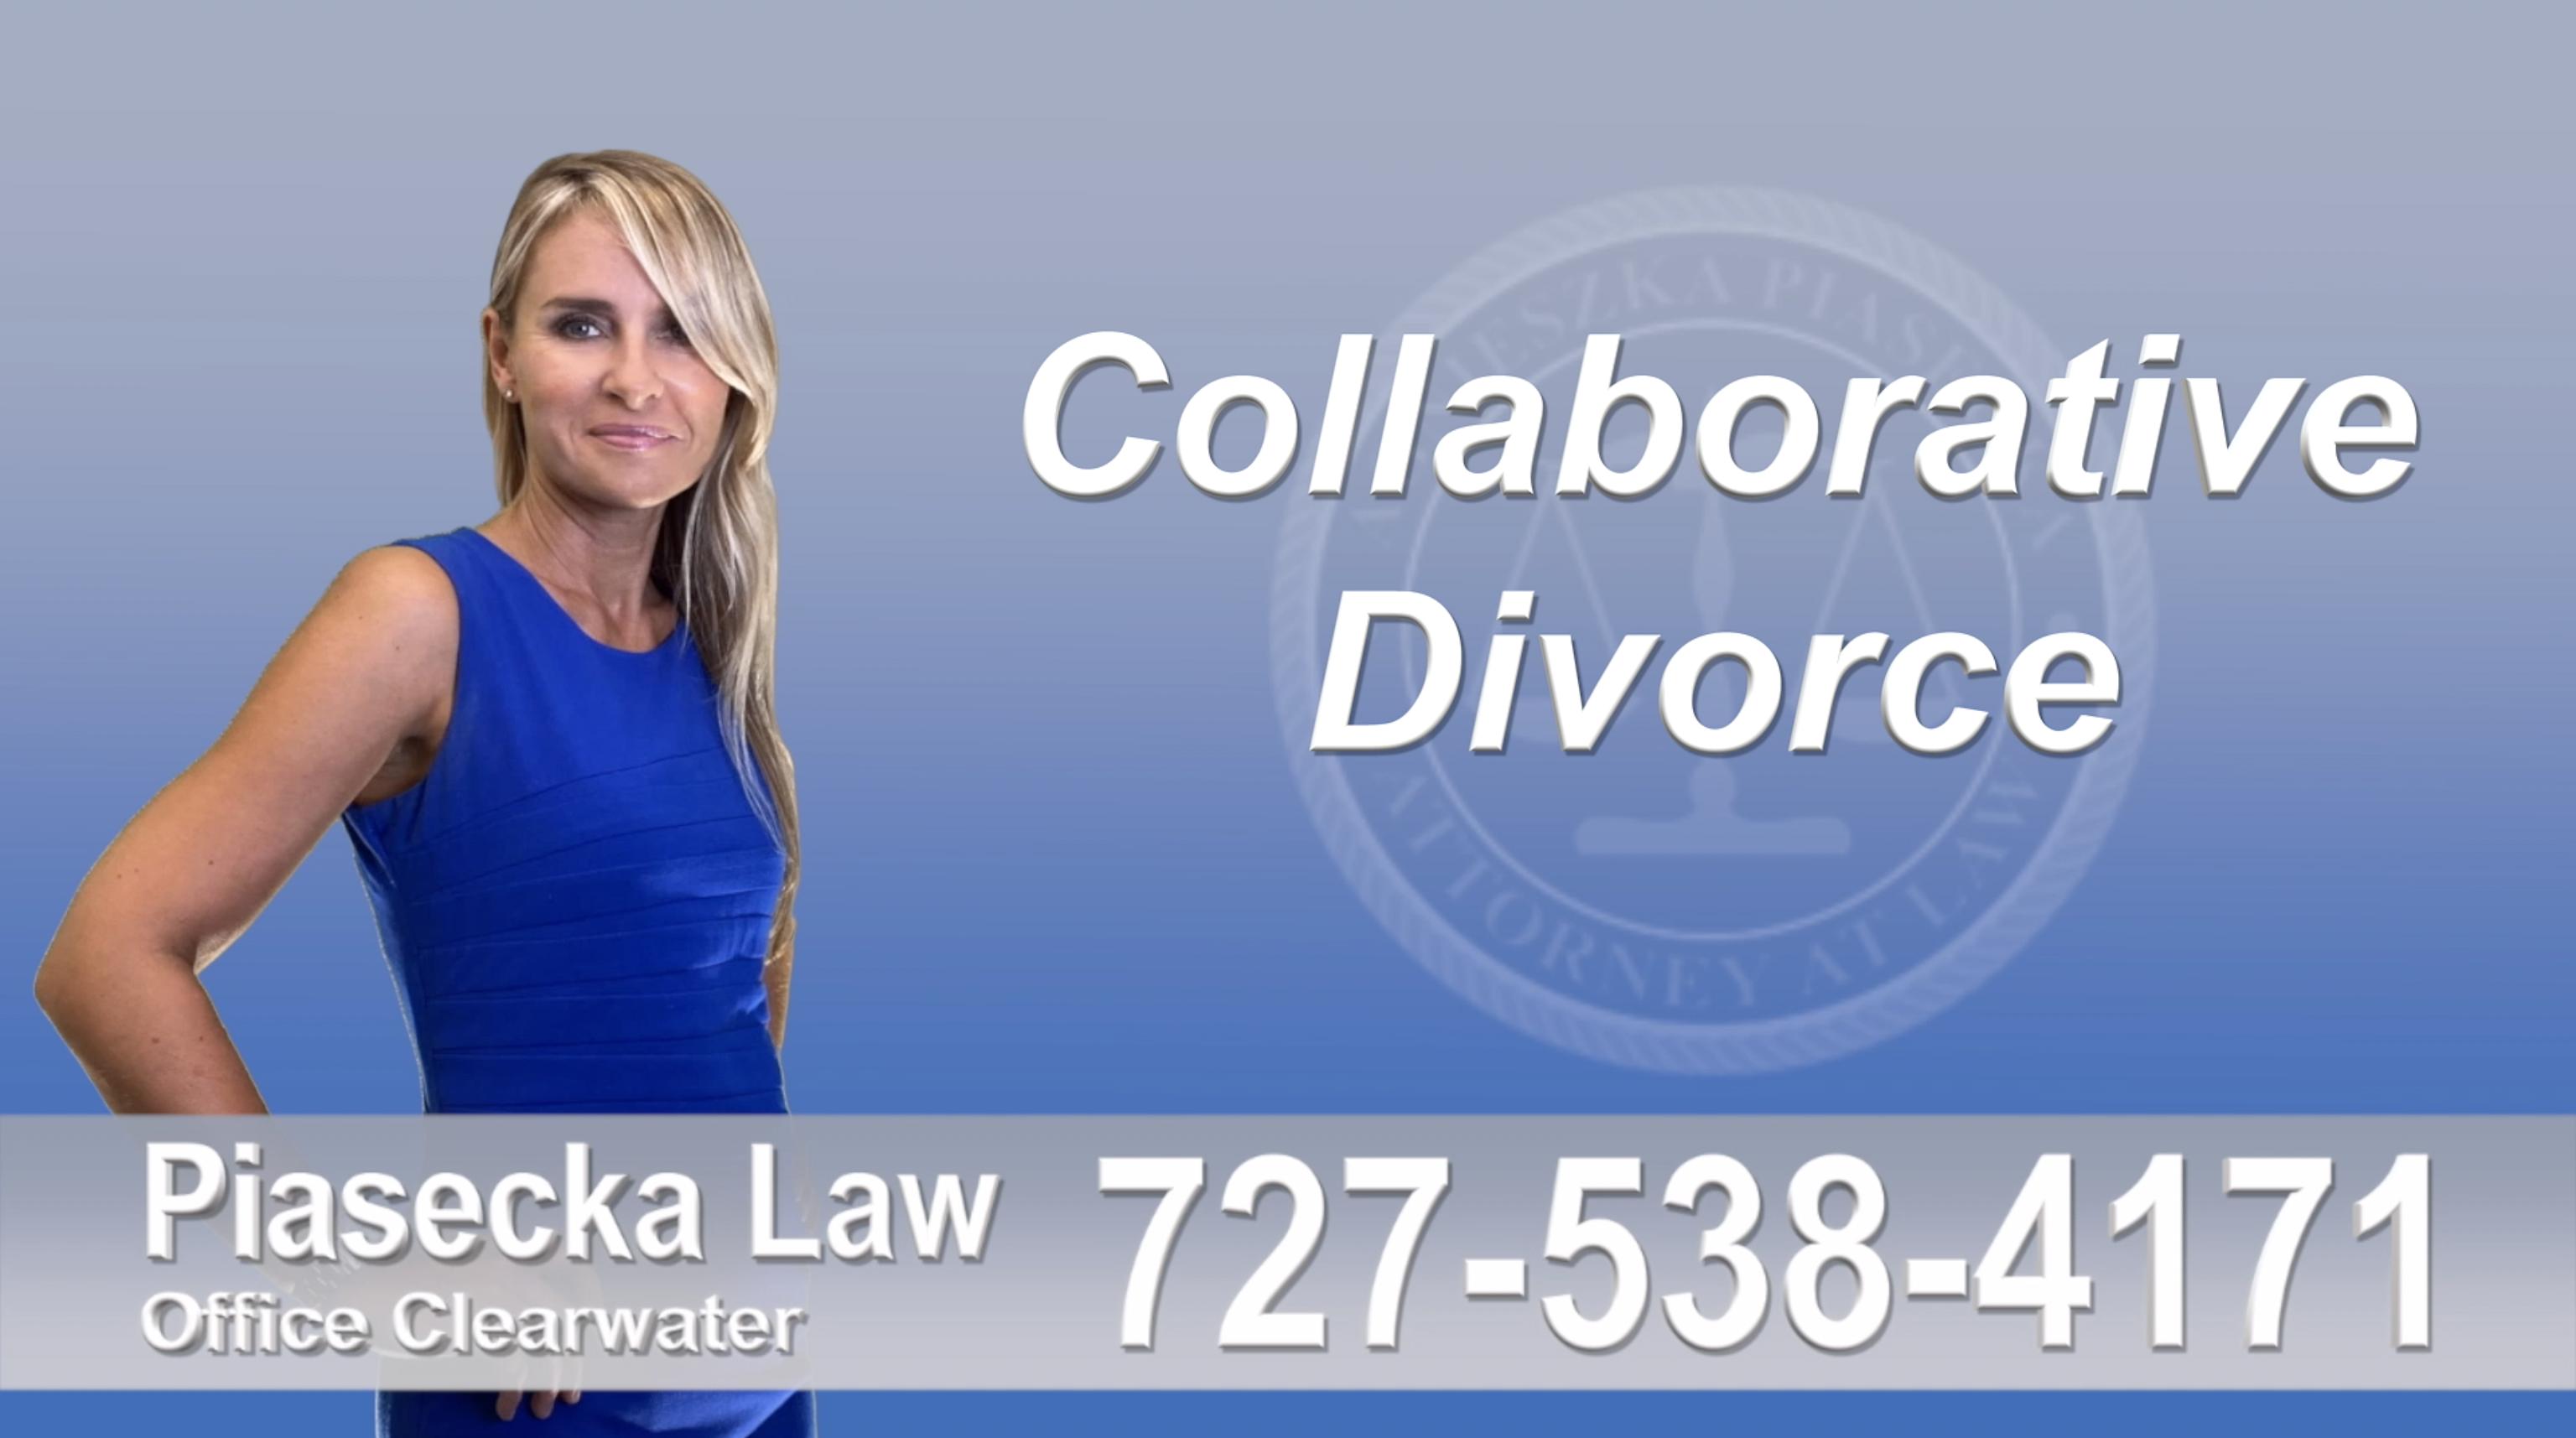 Polk County Collaborative, Attorney, Agnieszka, Piasecka, Prawnik, Rozwodowy, Rozwód, Adwokat, Najlepszy, Best Attorney, Divorce, Lawyer